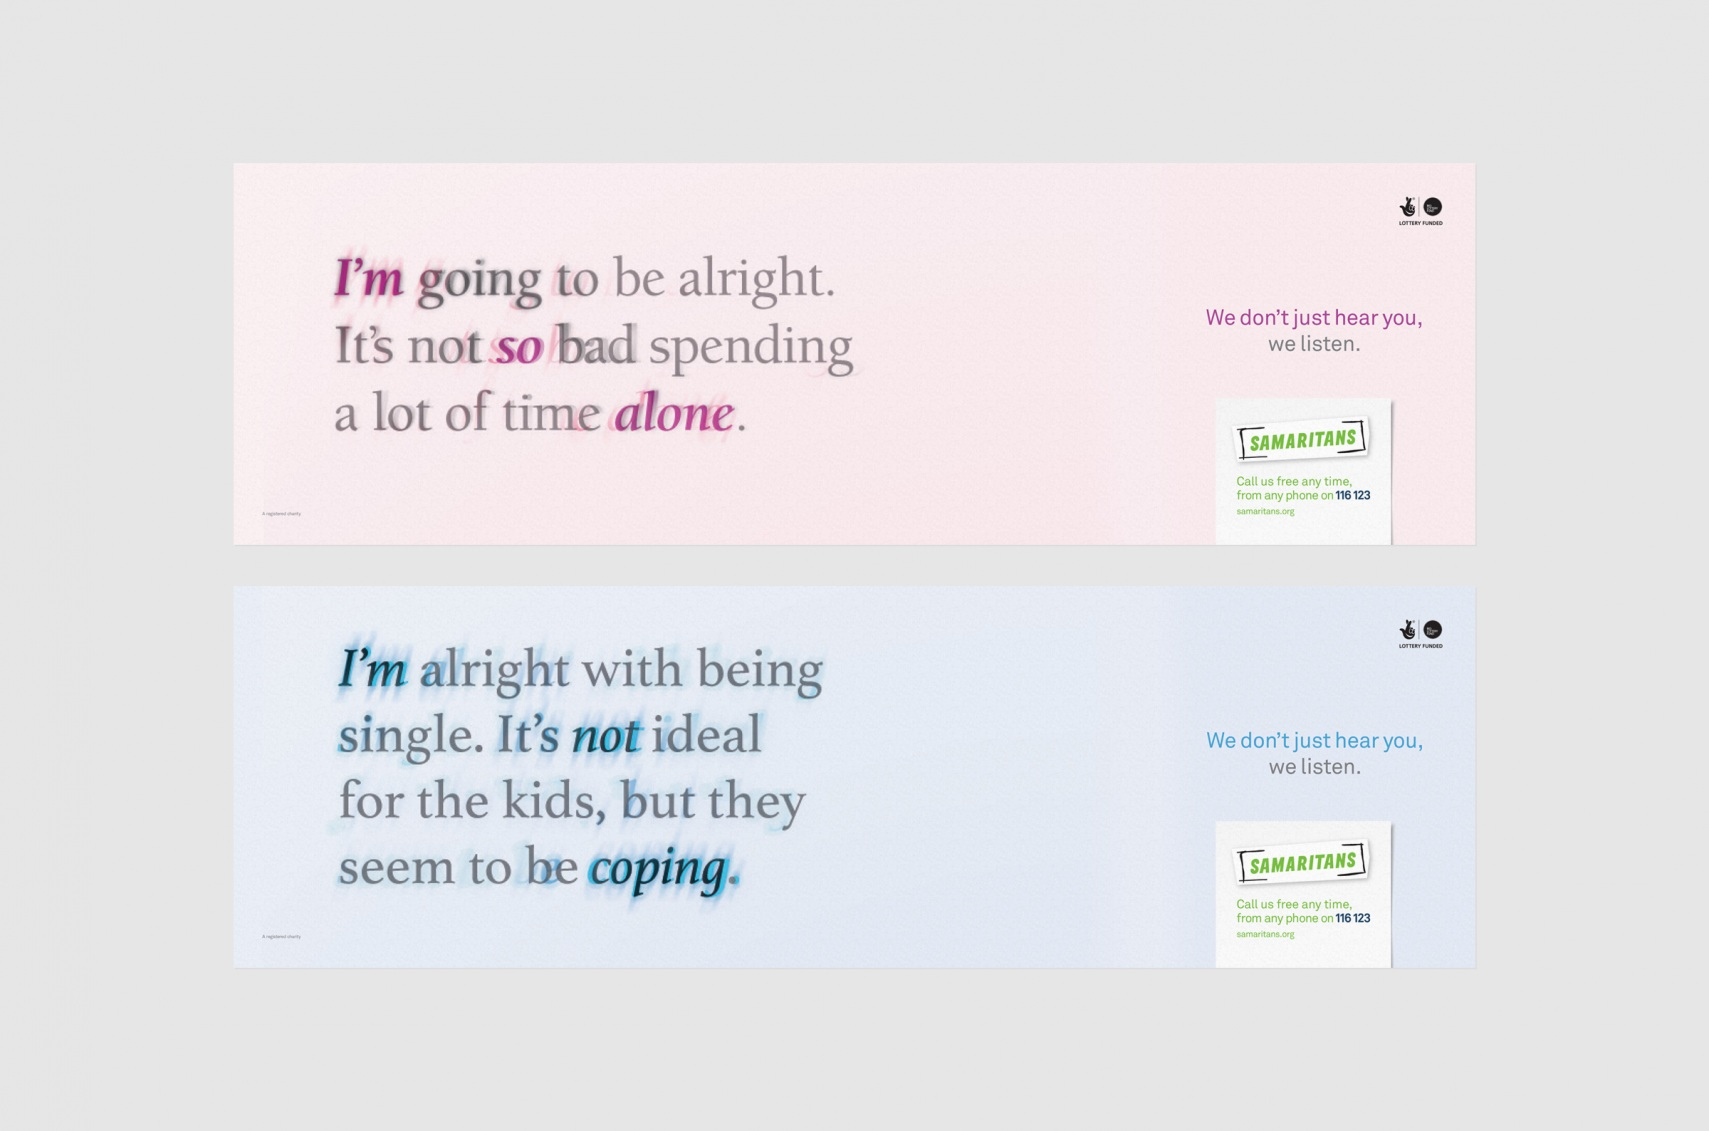 Samaritans_1c_Panels.jpg